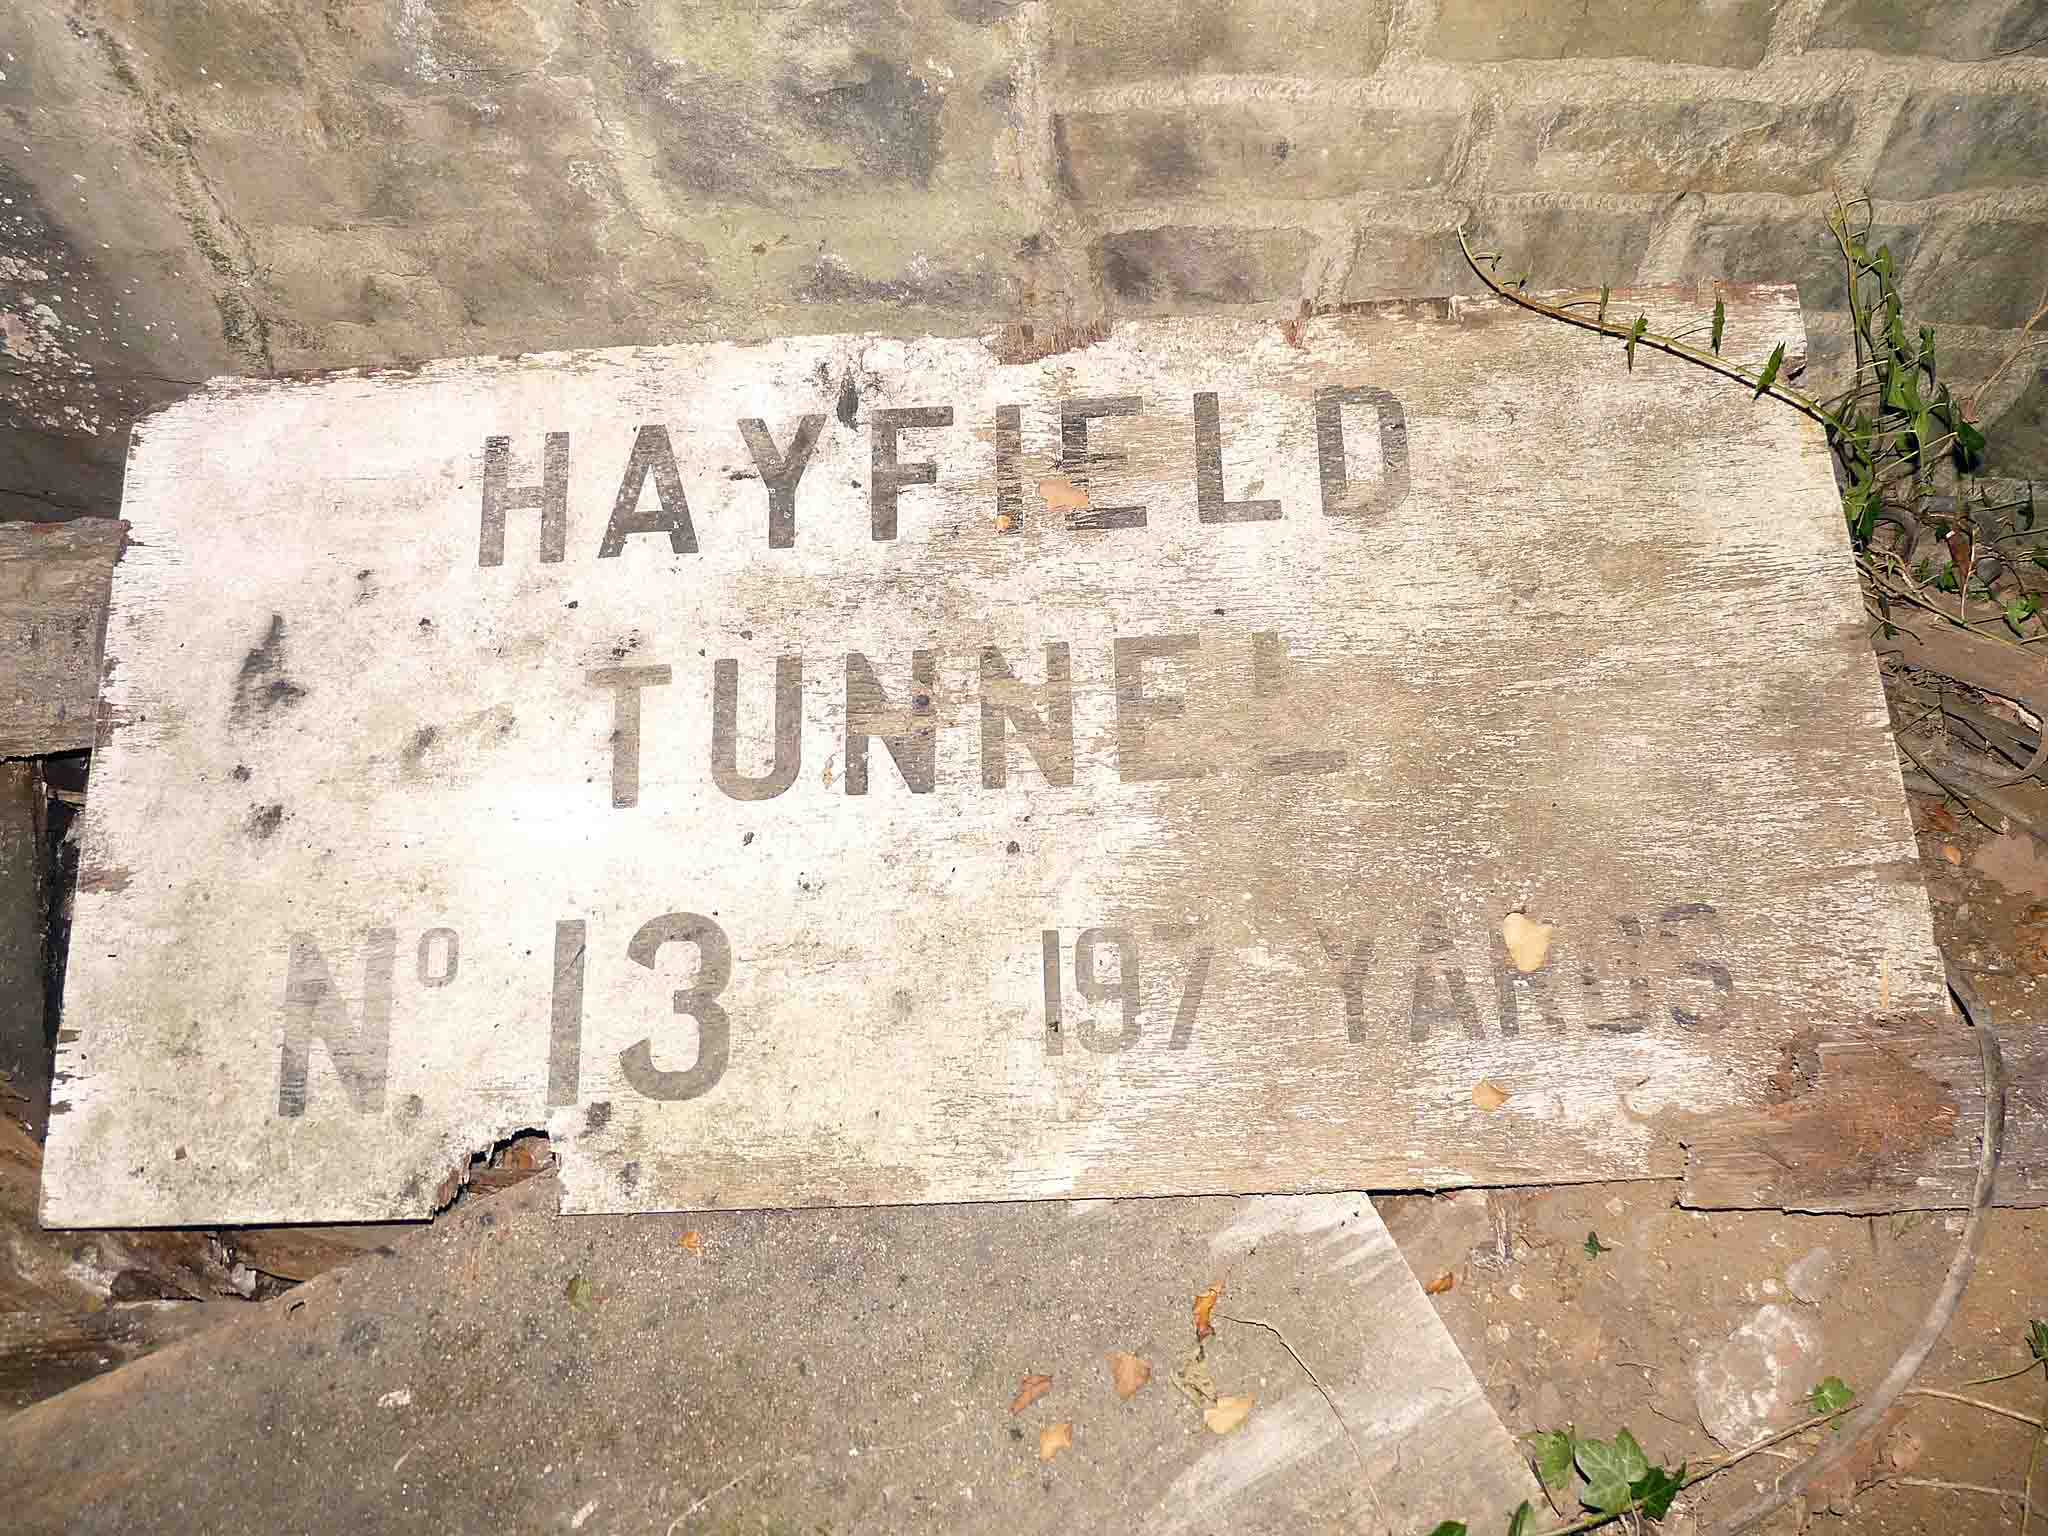 hayfield 01 - A mystery DMU tunnel!